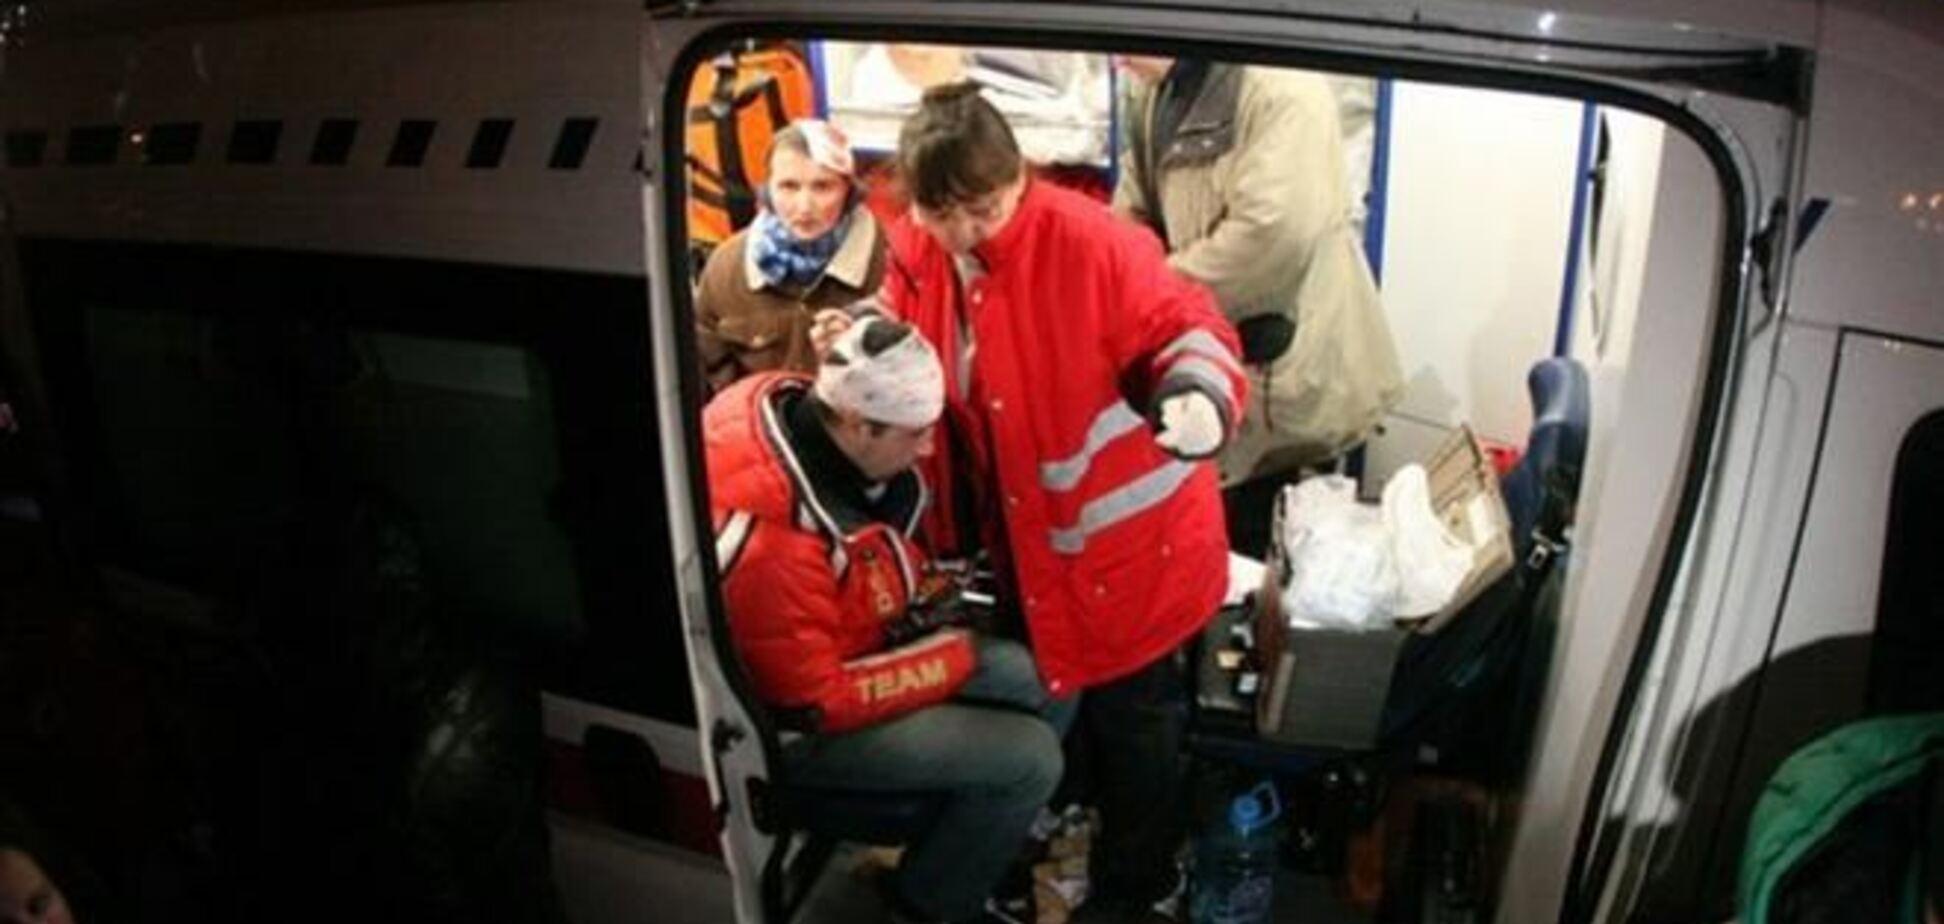 Активисты Евромайдана пишут в прокуратуру заявления об избиении